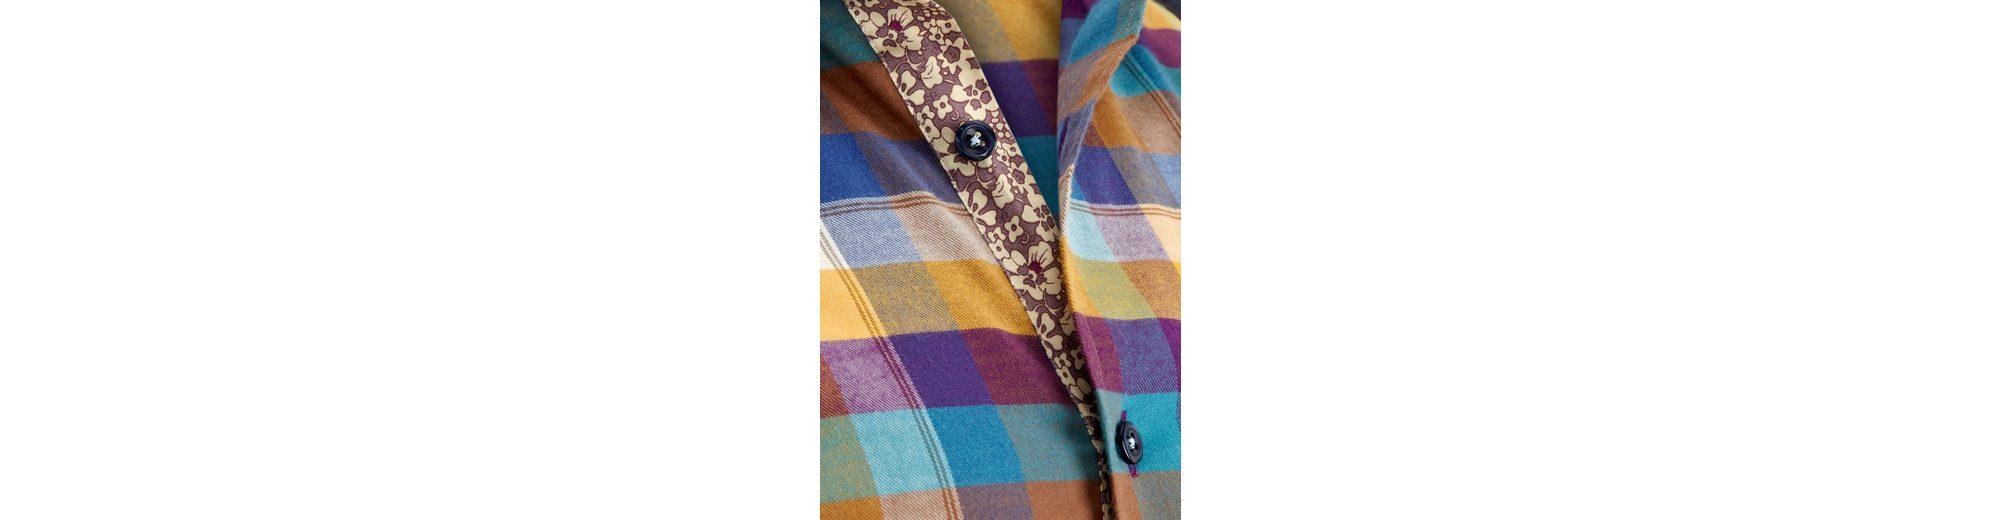 Spielraum Billig Echt East Club London Freizeithemd mit sportlichem Karo-Muster Billig Verkauf Mit Kreditkarte Fabrikpreis Suche Nach Günstigem Preis Auslass Wiki RAZaTkGqP